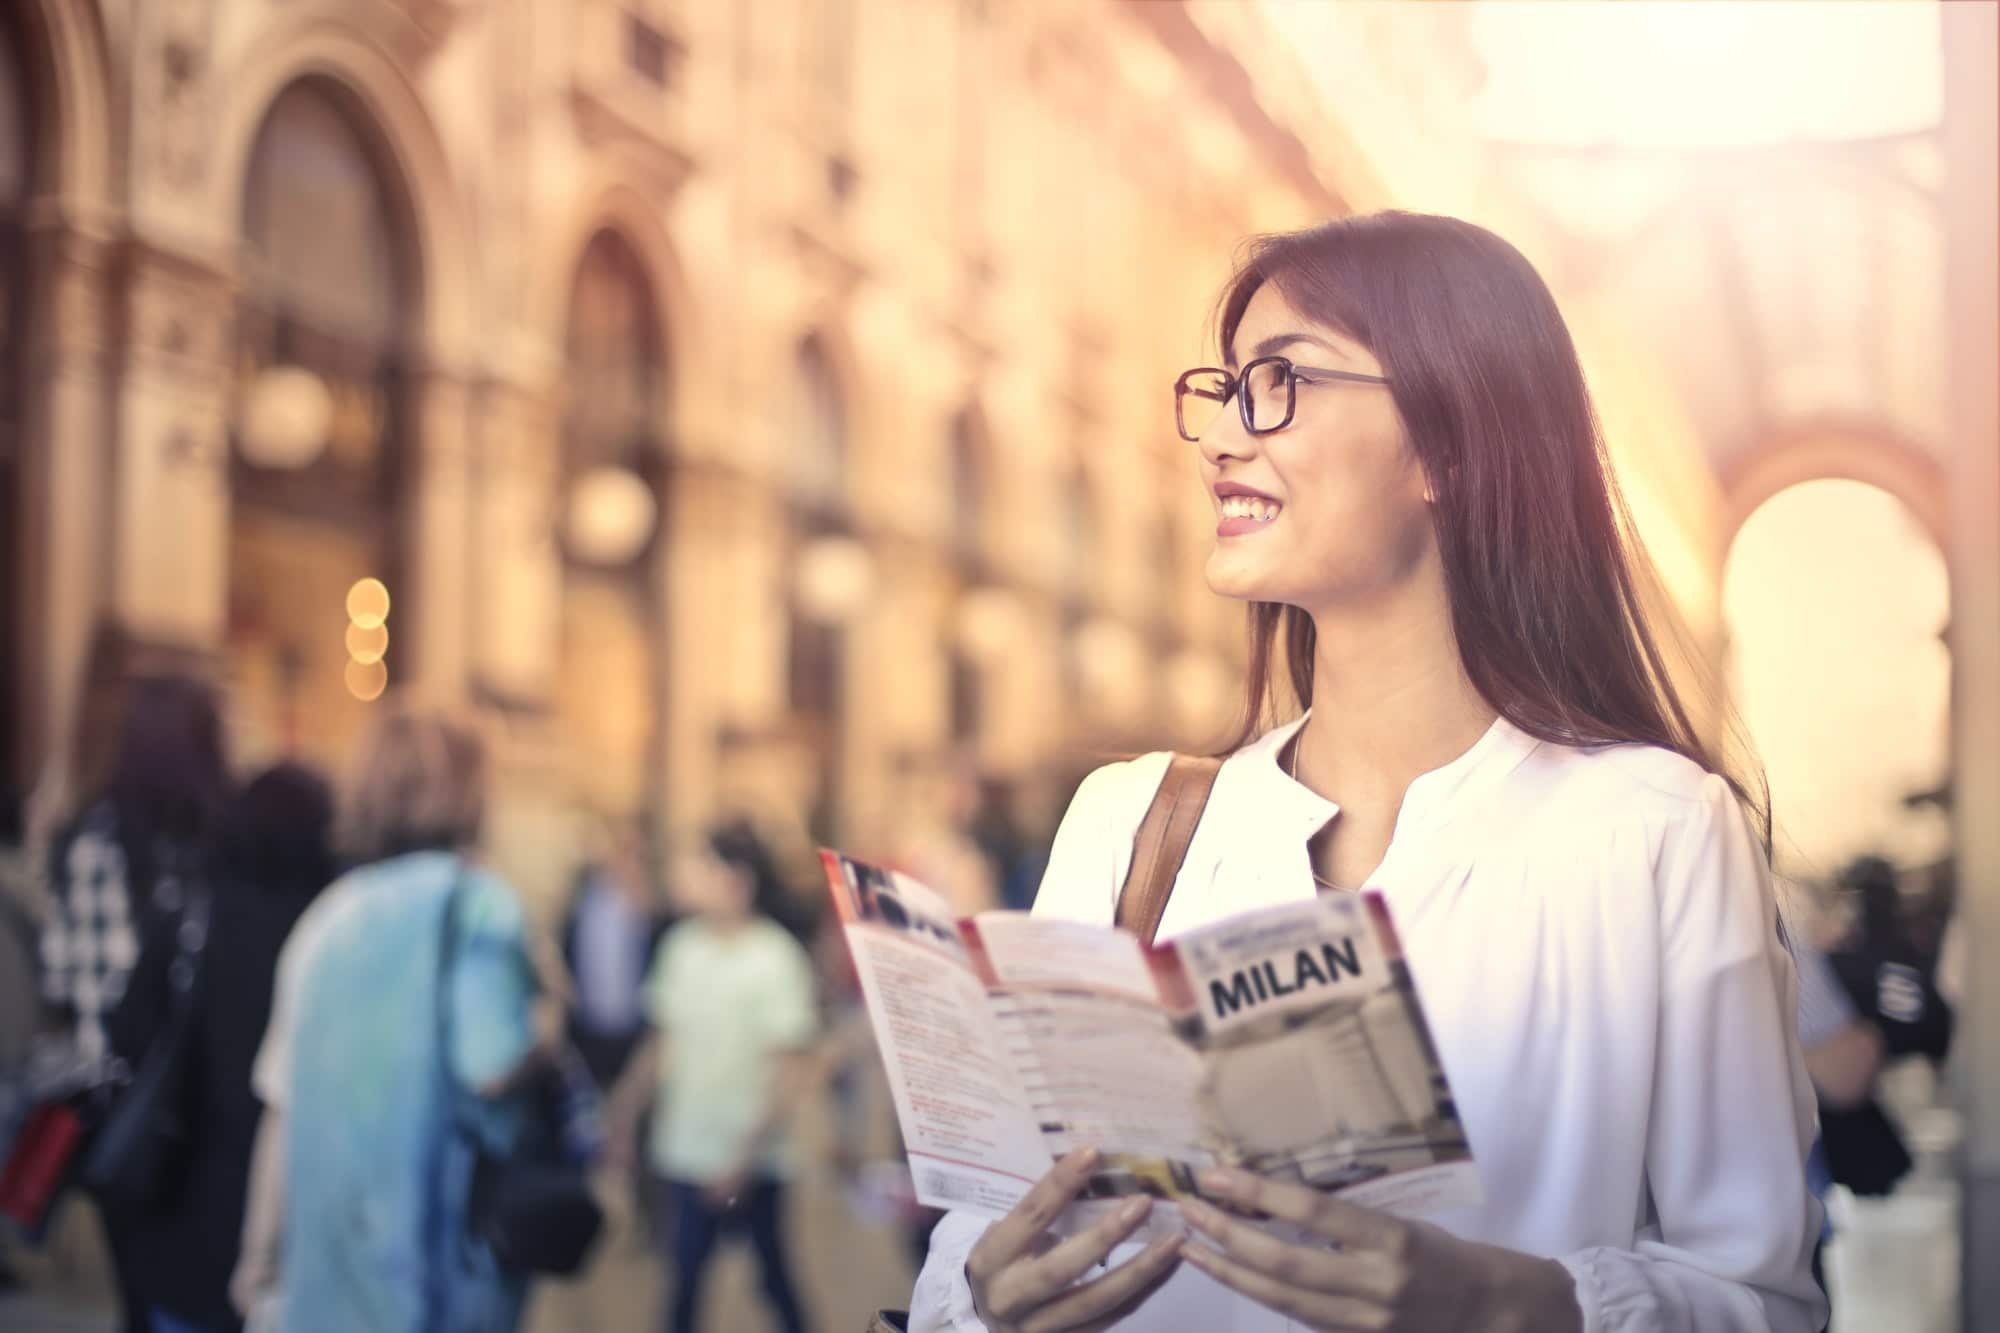 Ragazza con mappa di Milano che esplora la città